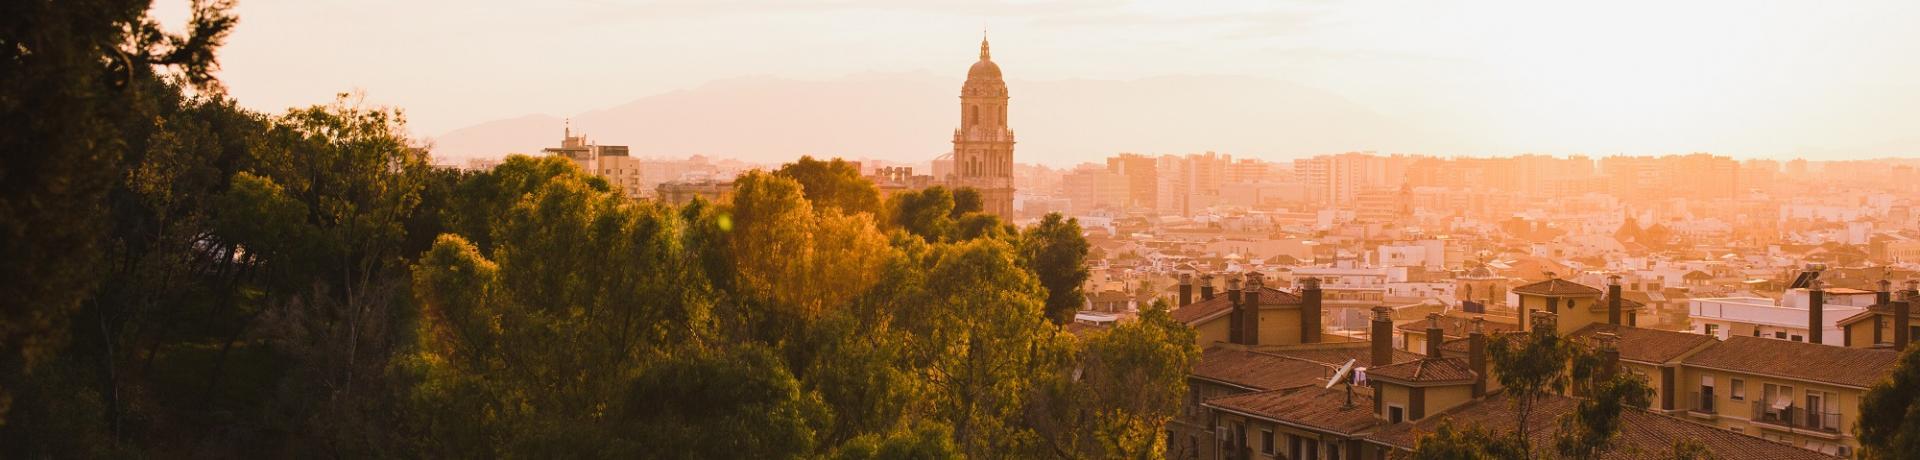 Spanien: Malaga Sonnenuntergang Emotion